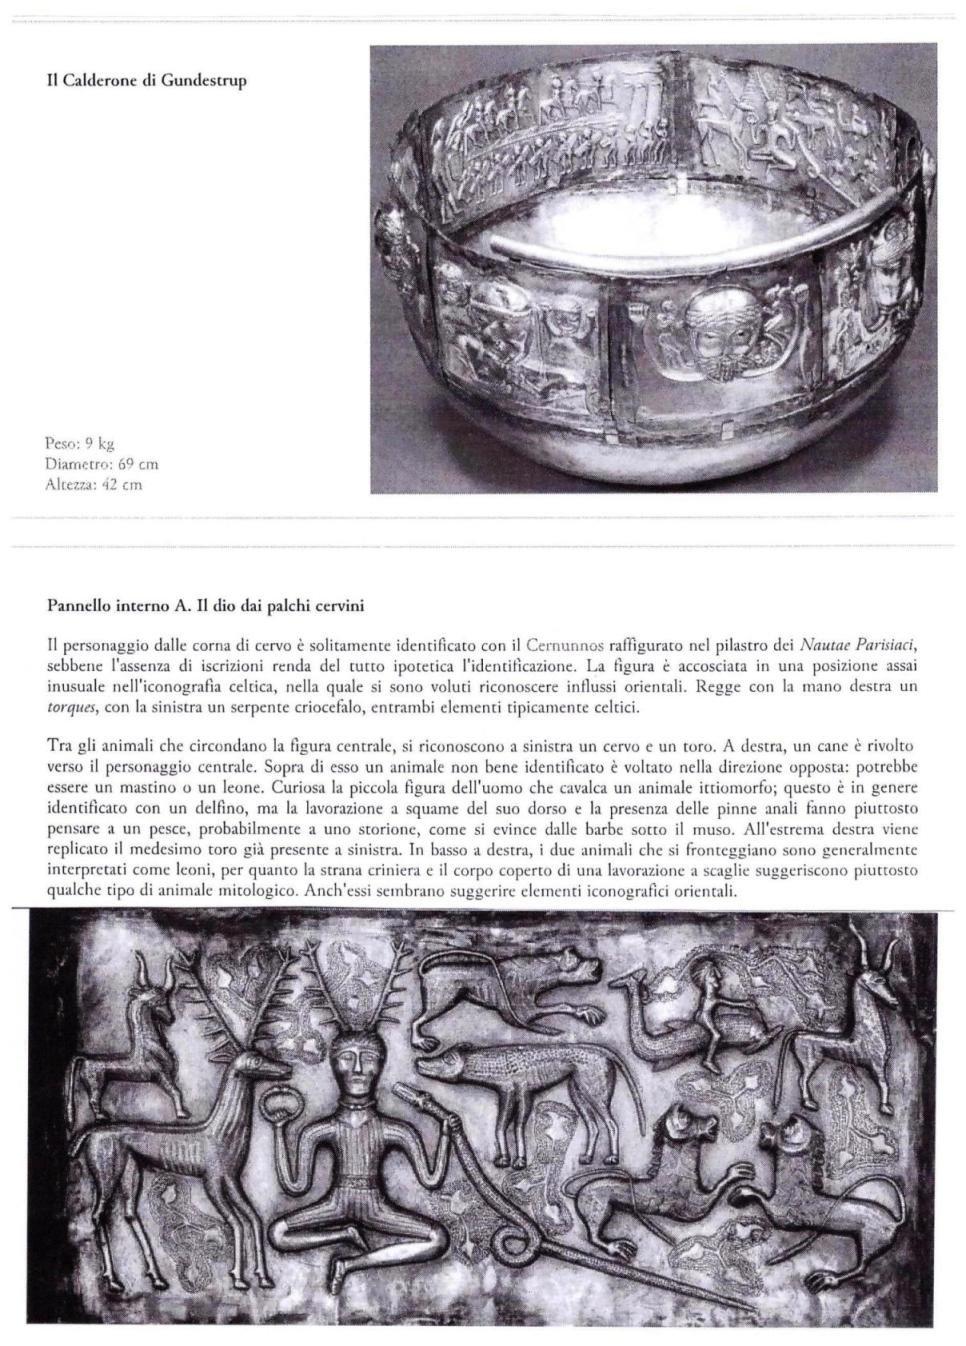 Poseidone e l'ippocampo - Pagina 2 - Monete greche: Sicilia